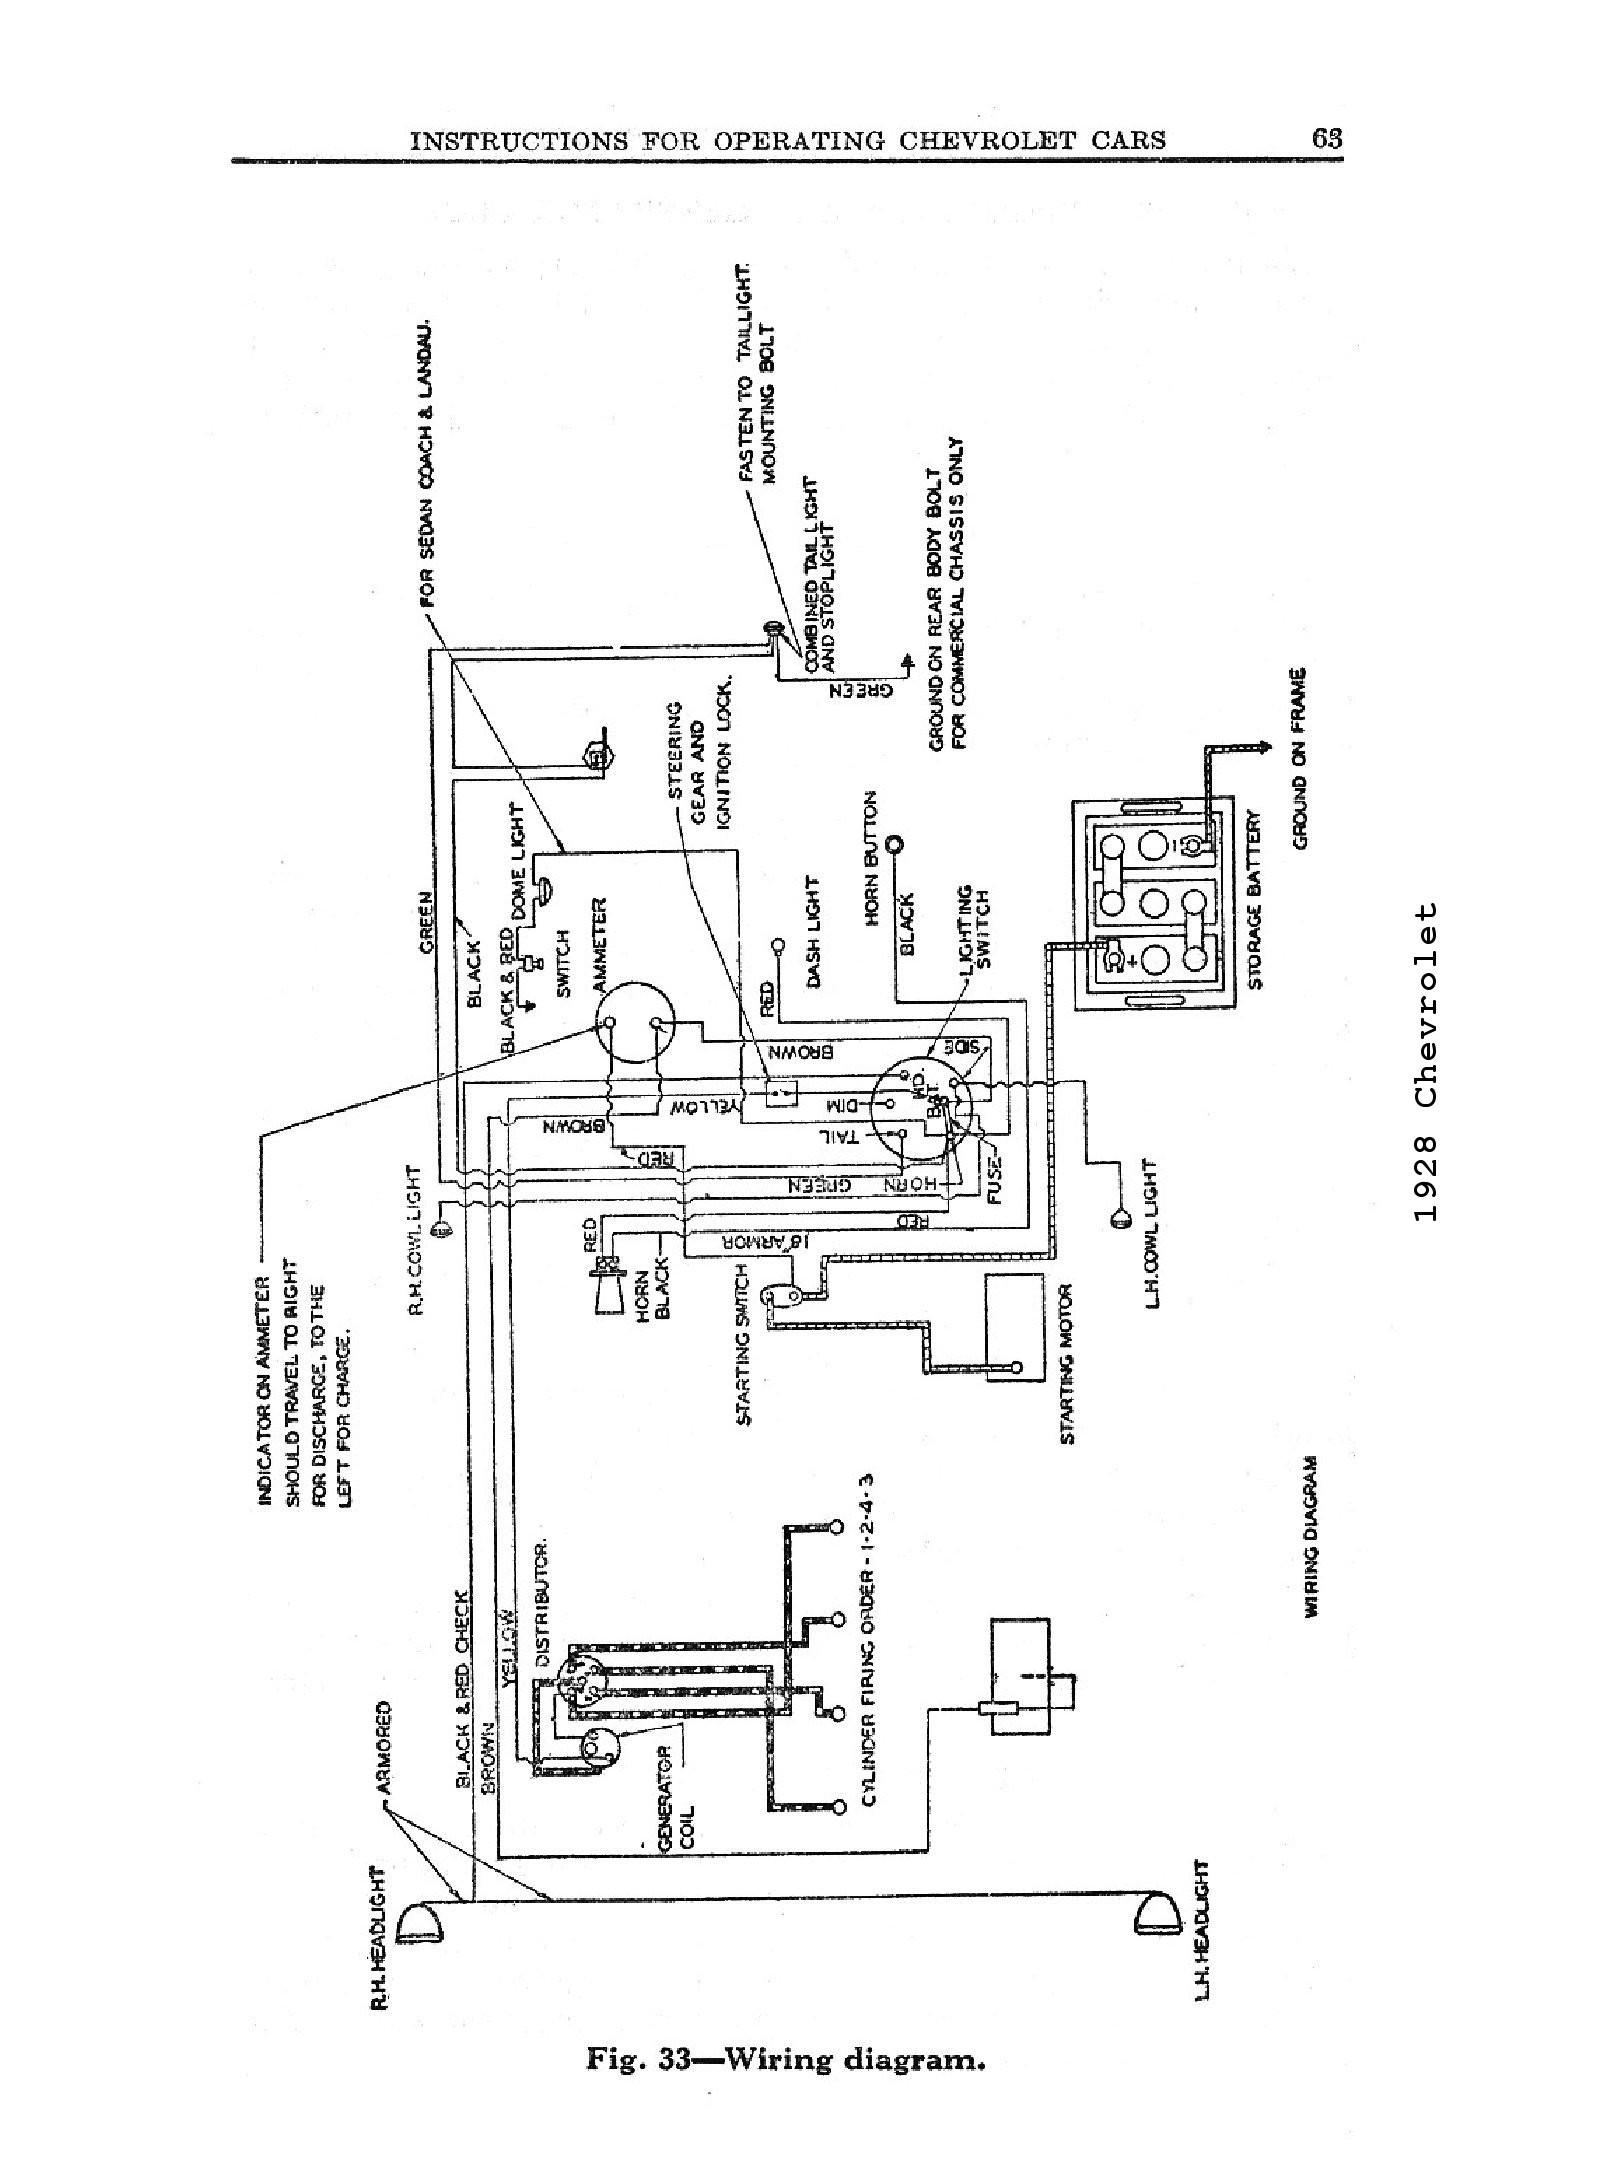 General Motors Wiring Diagram Image Diagrams 1928